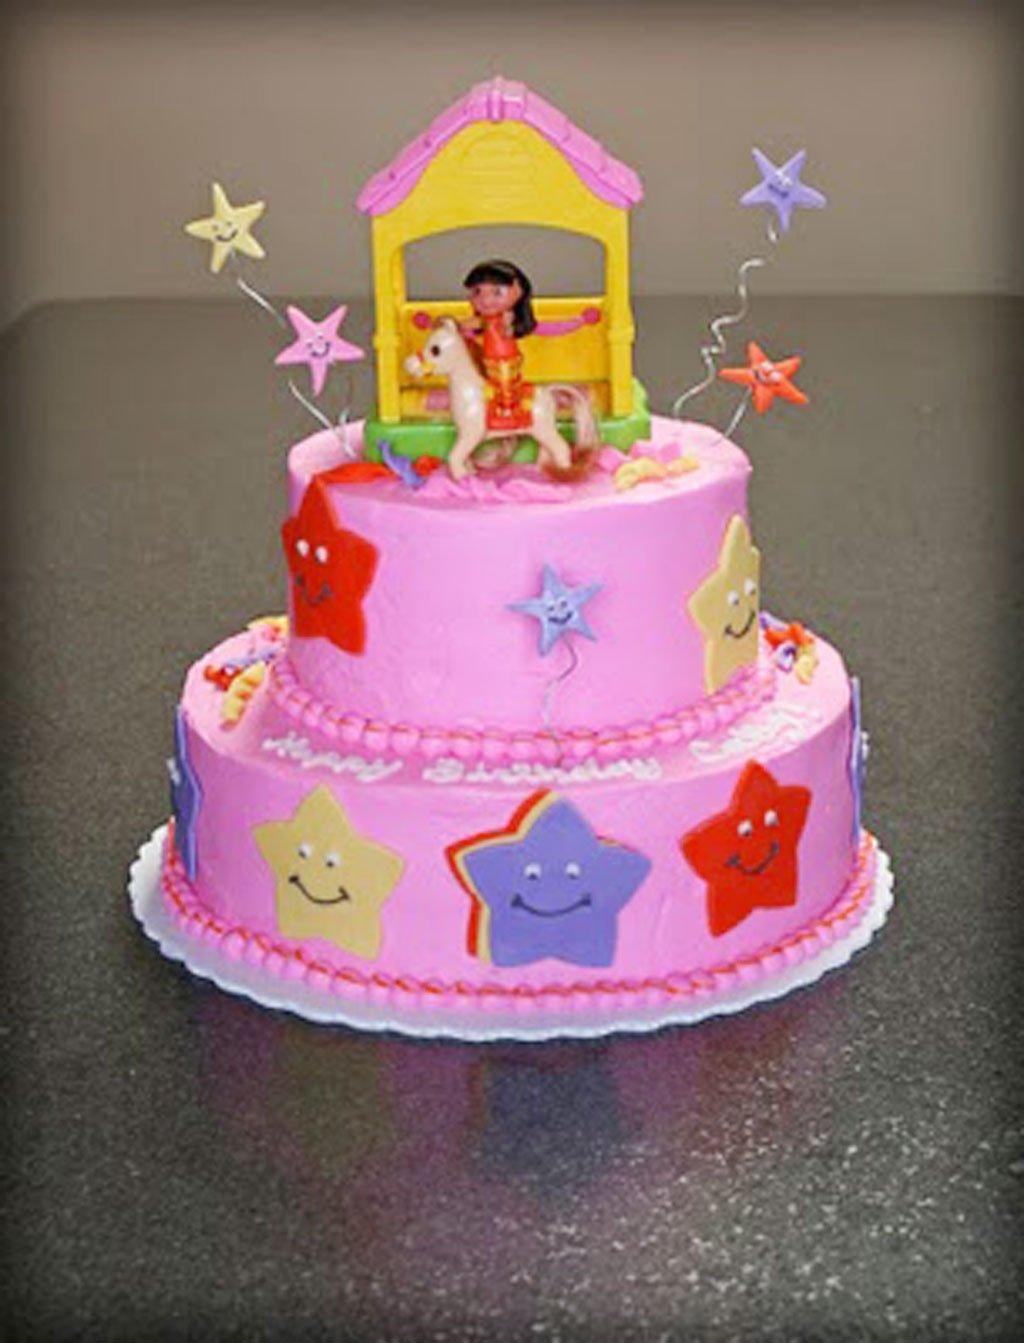 10 Awesome Dora The Explorer Cake Ideas dora the explorer birthday cake design birthday cake cake ideas 2021